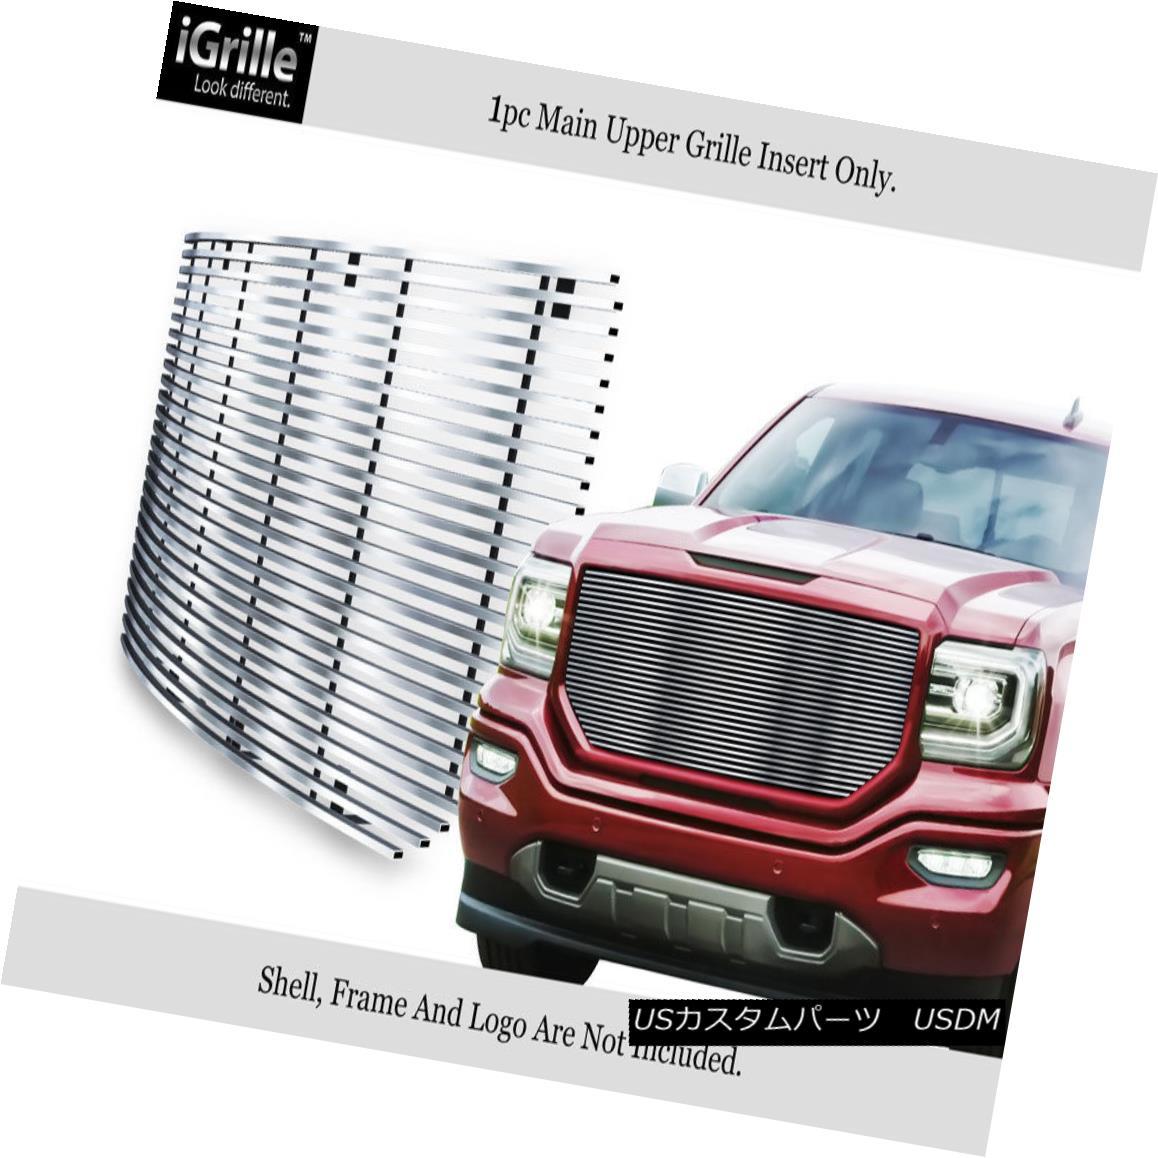 グリル Fits 2016-2017 GMC Sierra 1500 Stainless Steel Billet Grille フィット2016-2017 GMC Sierra 1500ステンレス鋼ビレットグリル